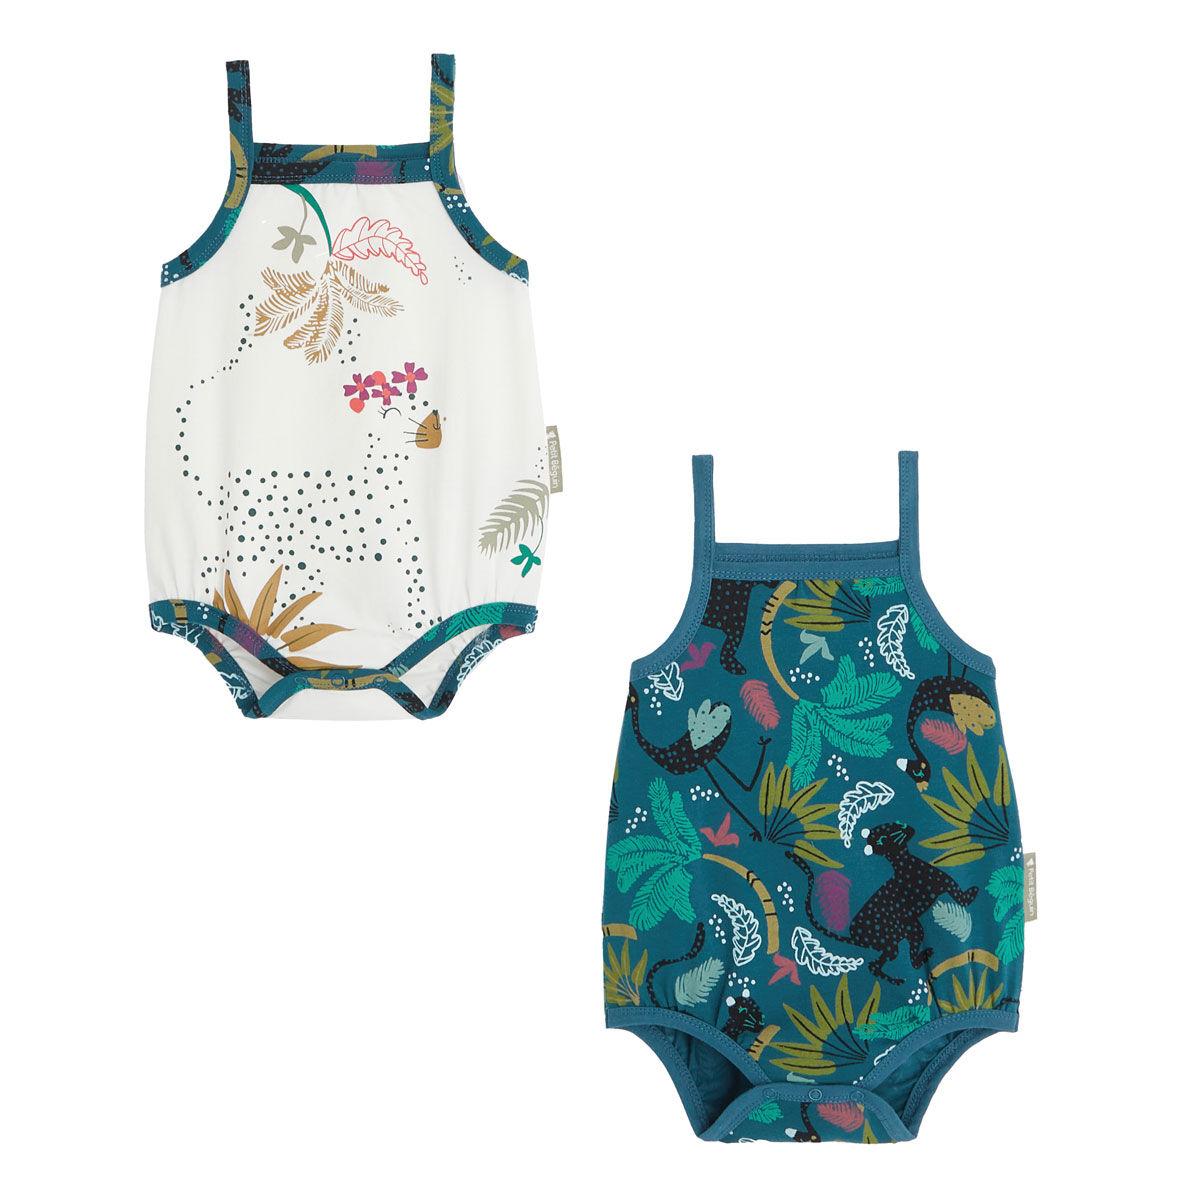 Petit Béguin Lot de 2 bodies bébé fille à bretelles Blue Coco - Taille - 6 mois